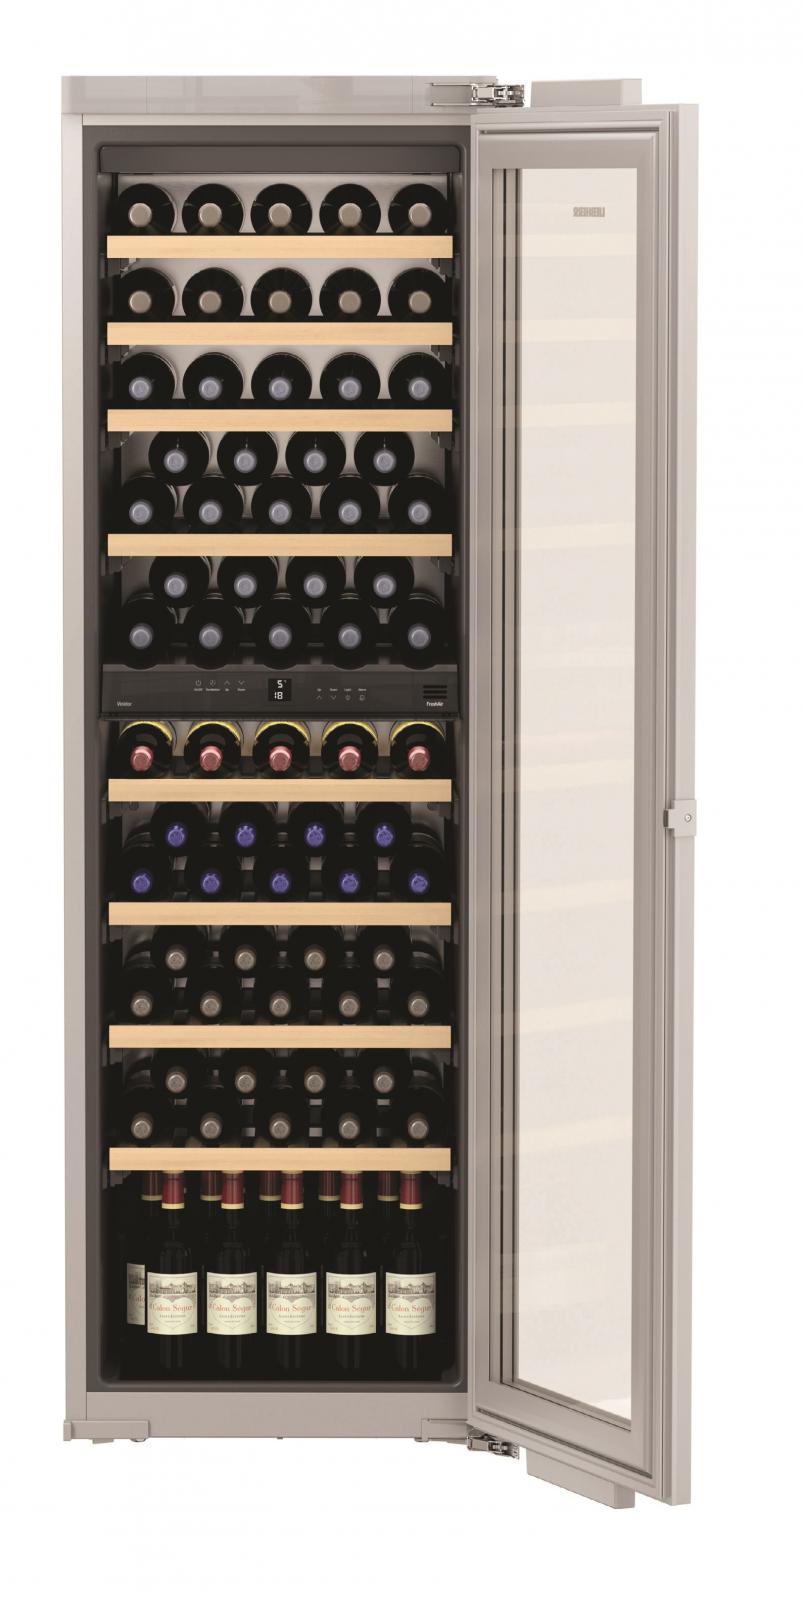 купить Встраиваемый винный шкаф Liebherr EWTdf 3553 Украина фото 0